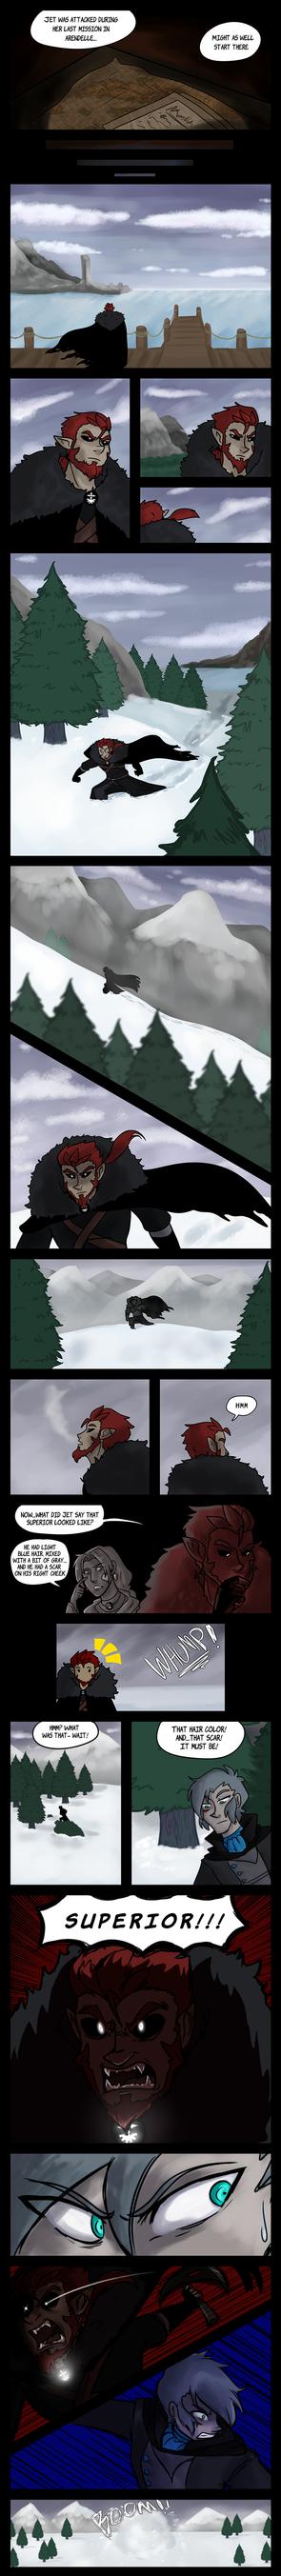 RoA: The Hunt - Part 1 by Miniyuna